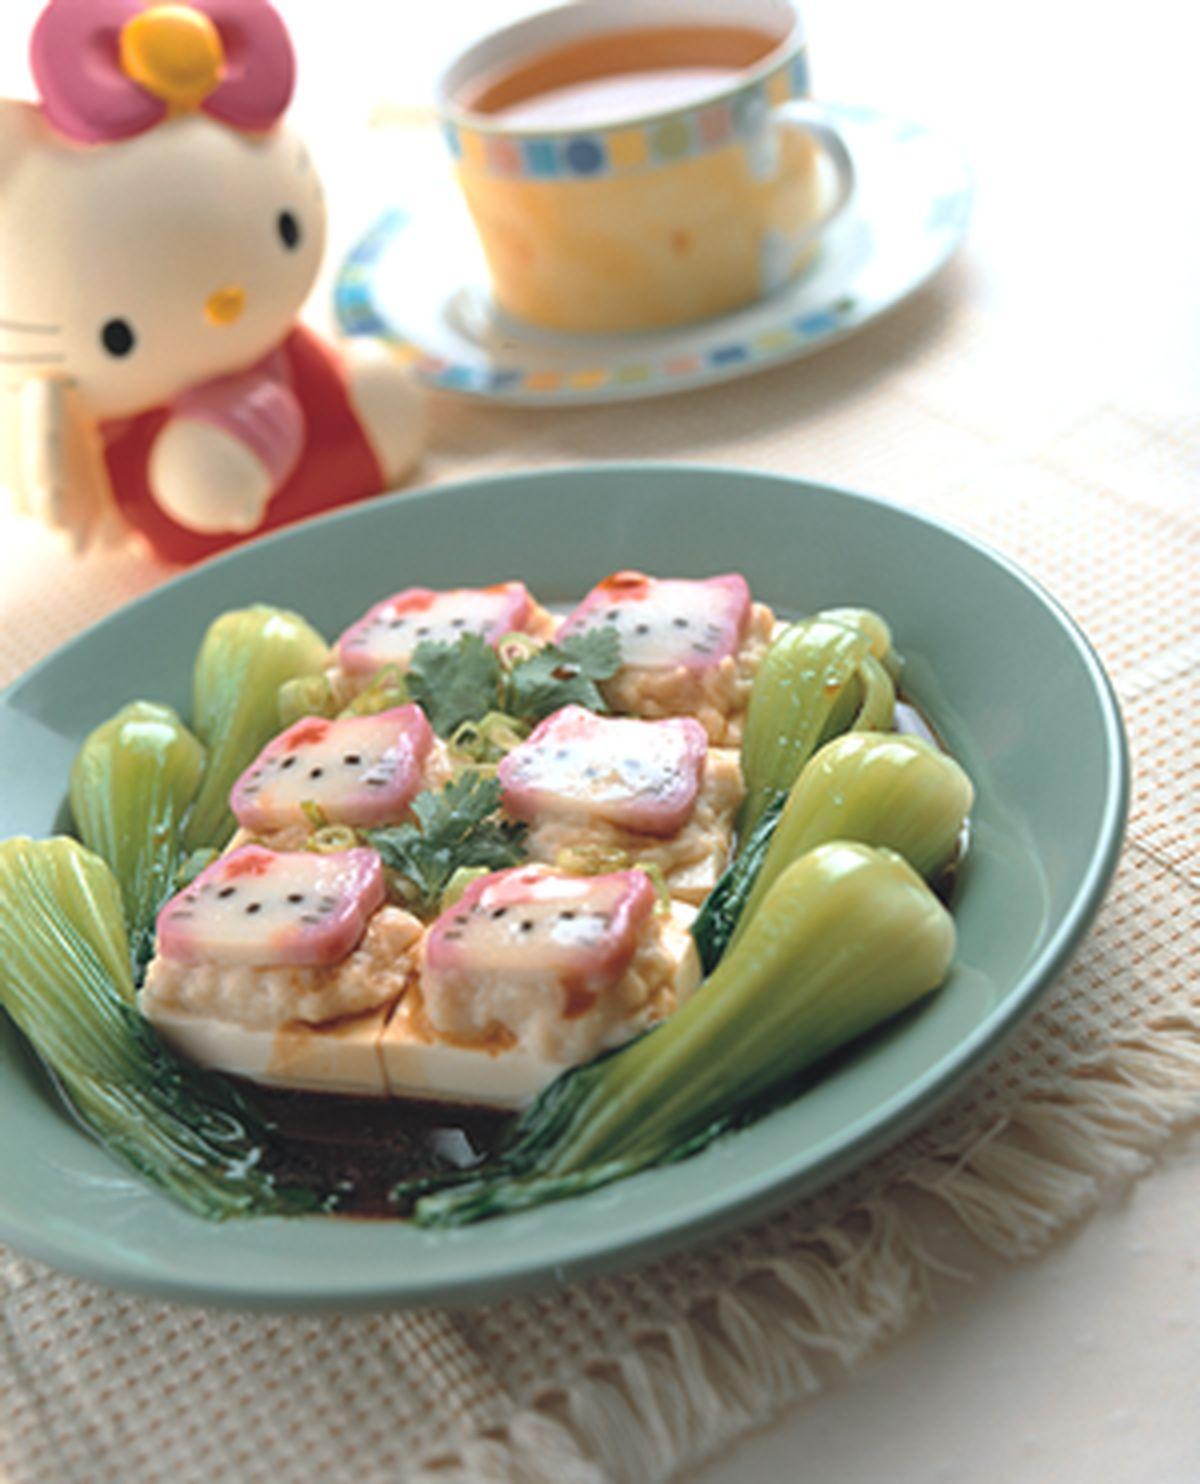 食譜:百花豆腐